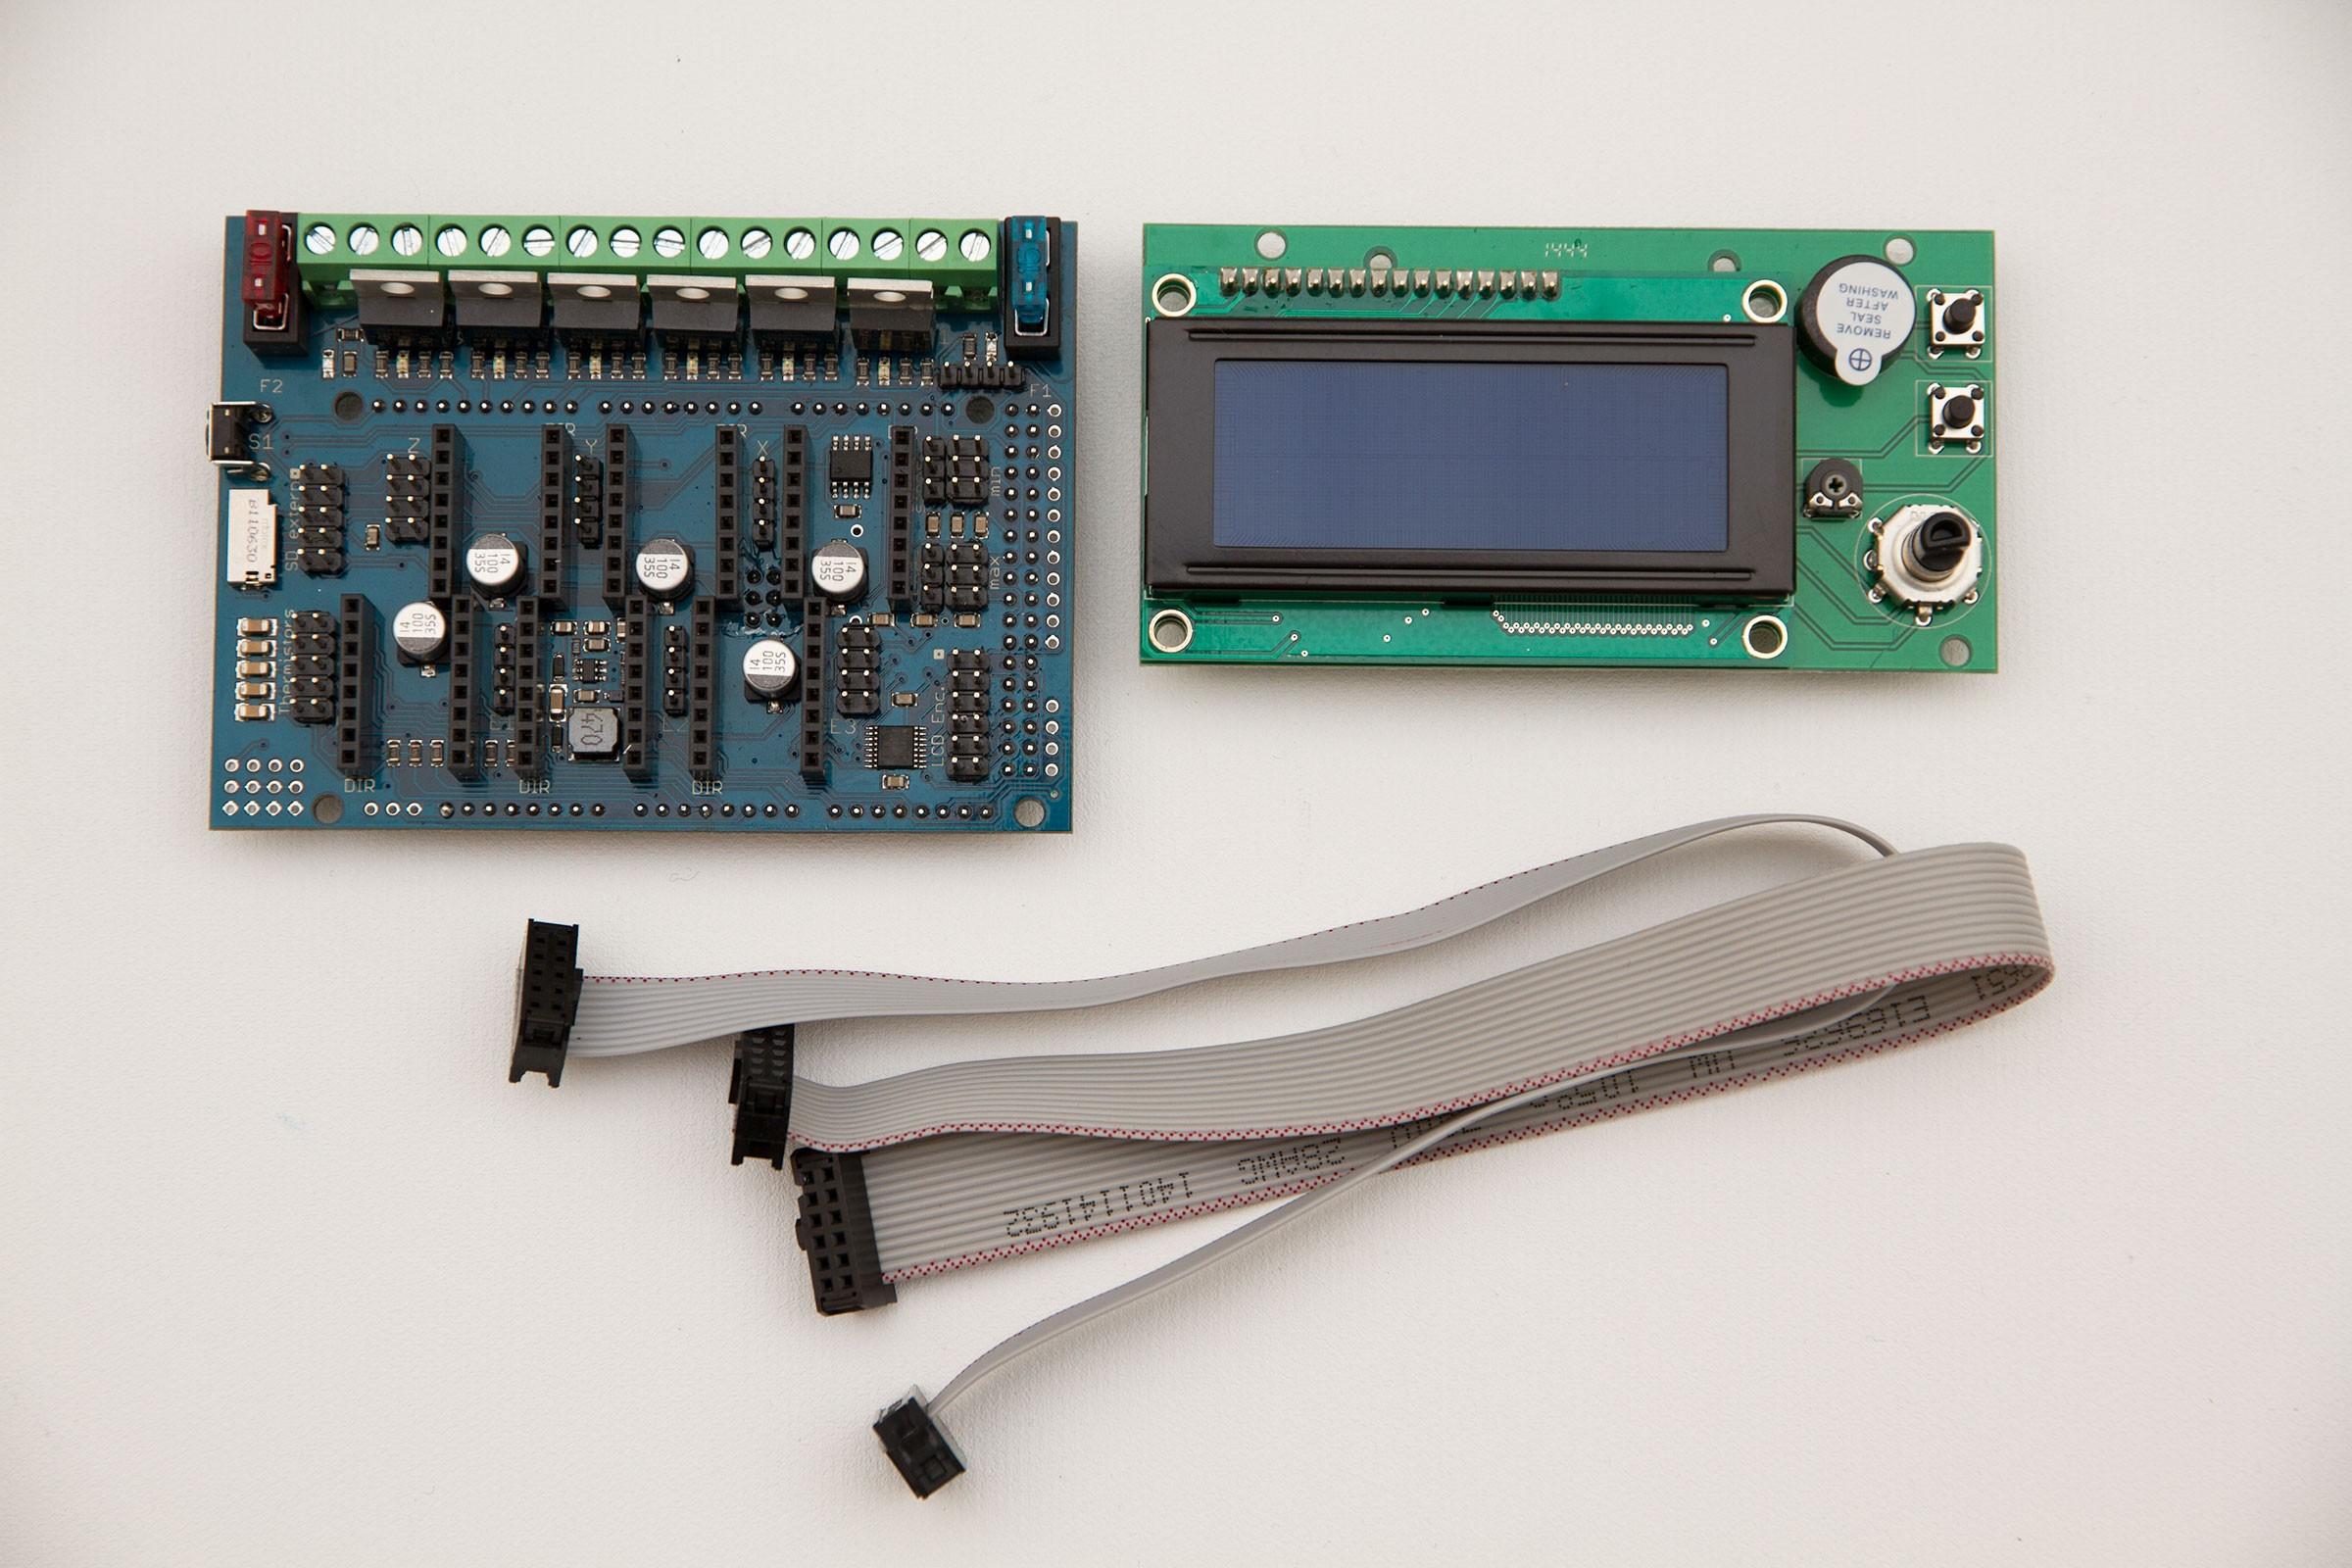 1x RADDS v1.6+4x RAPS12+1x RADDS-LCD-SD Display